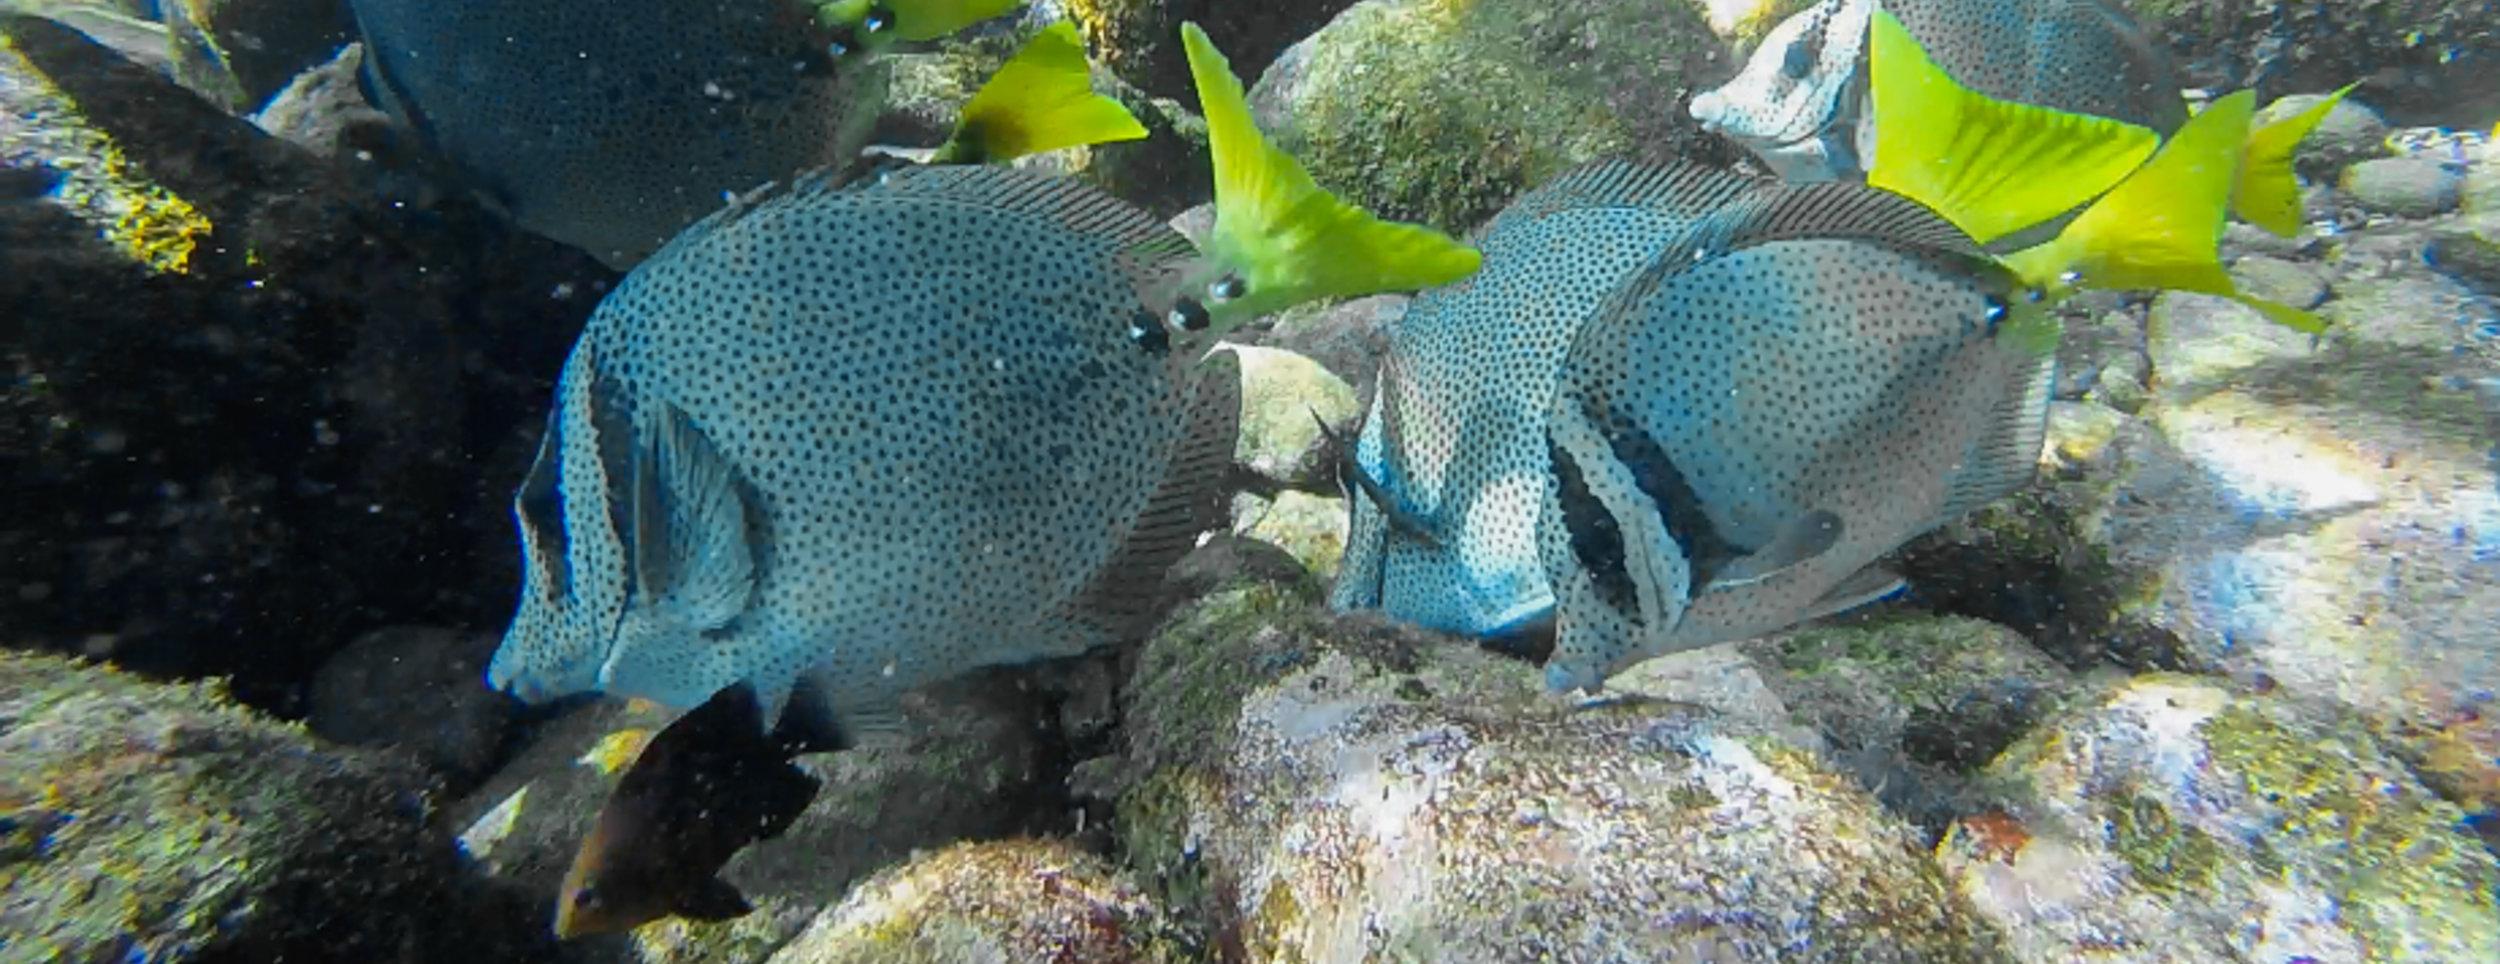 Grazing Surgeon fish.